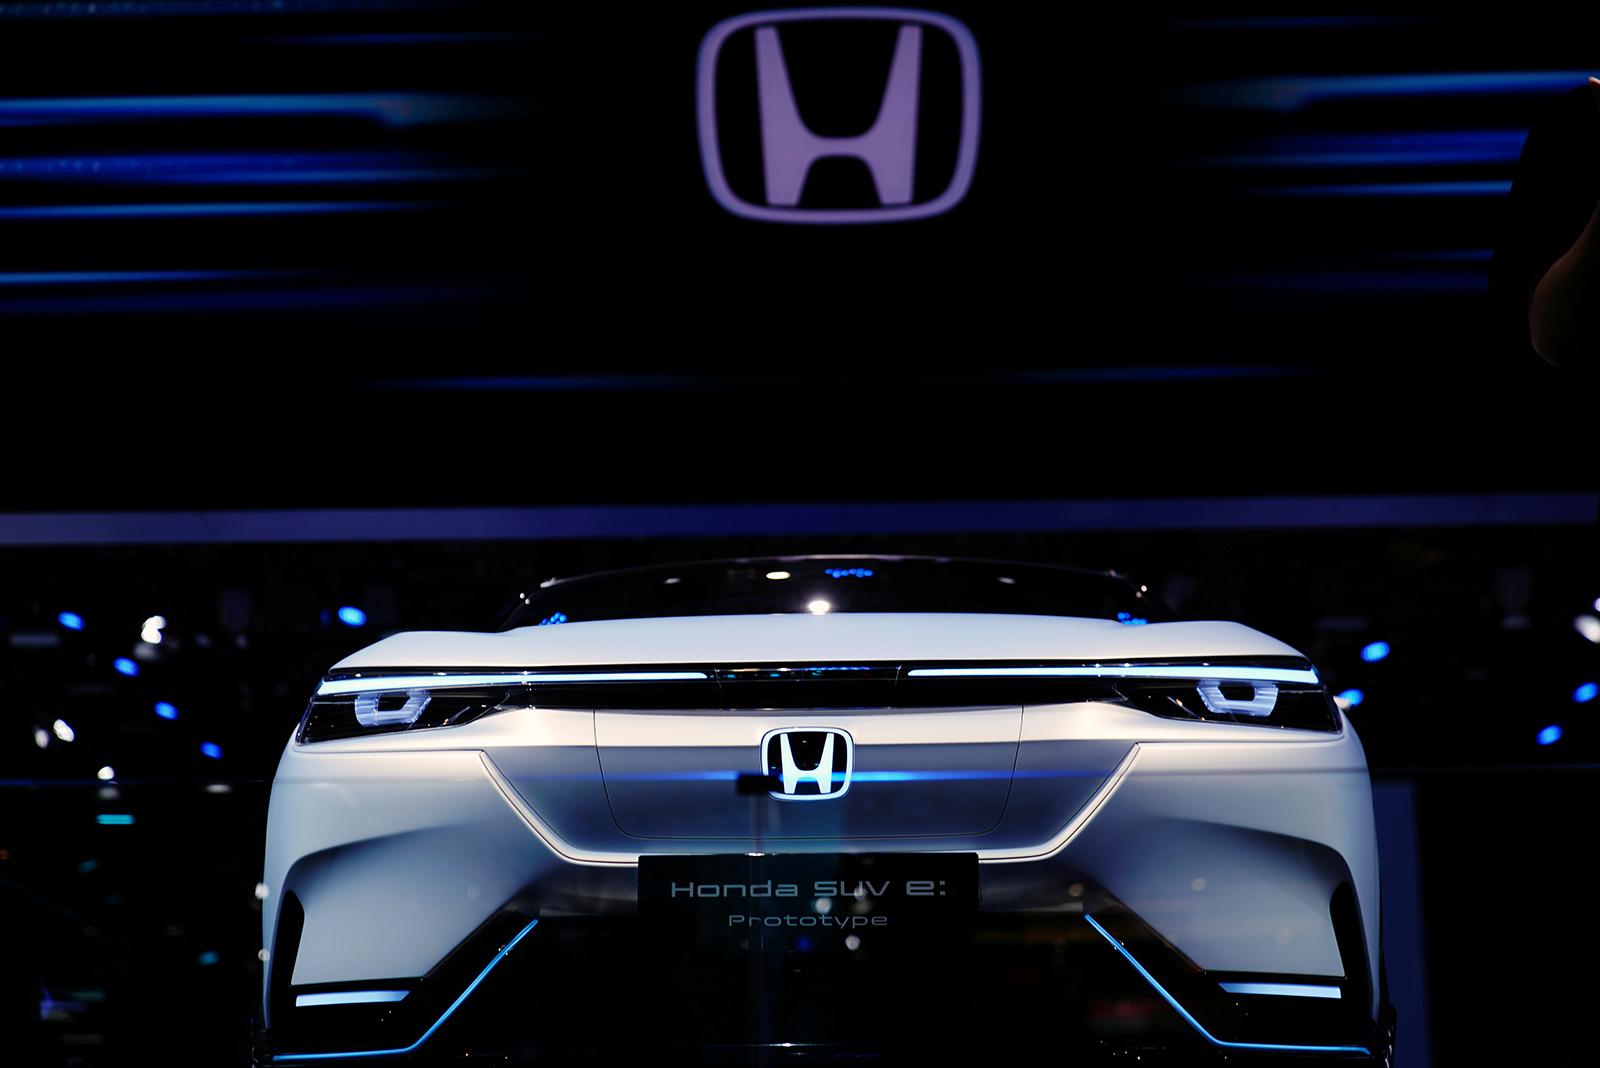 2021年4月20日在中國上海舉行的上海車展的媒體日上,人們看到了一輛本田SUV e:Prototype電動汽車(EV)。REUTERS/ Aly Song-RC2IZM9QHXO4